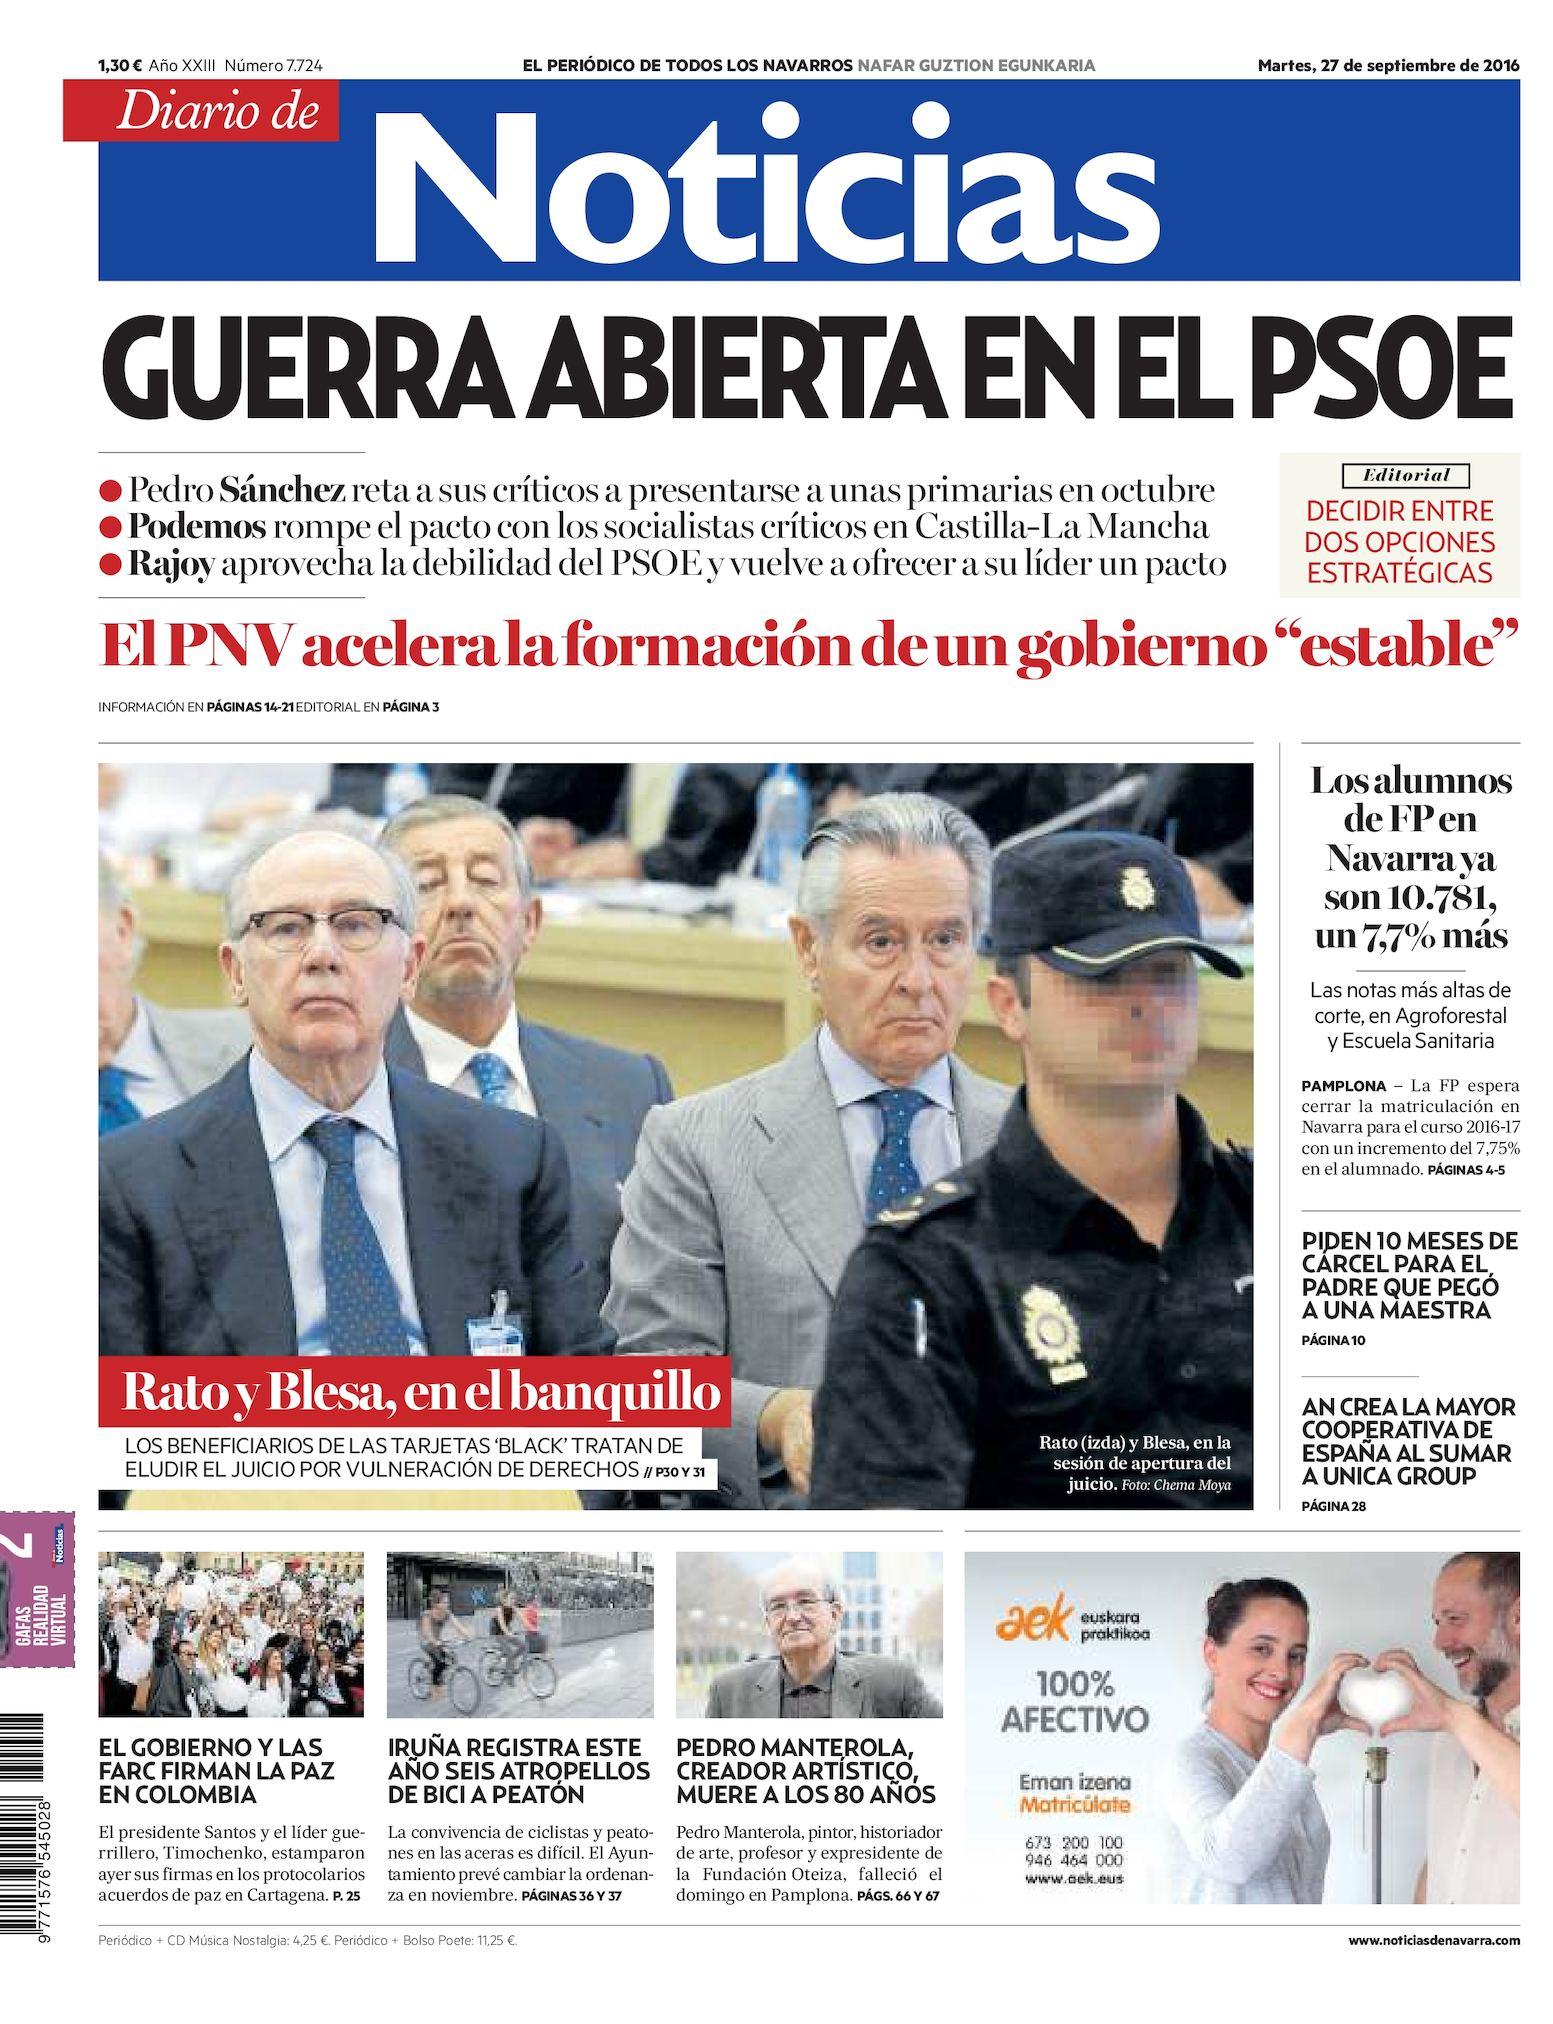 Calaméo - Diario de Noticias 20160927 8a09267b3c3